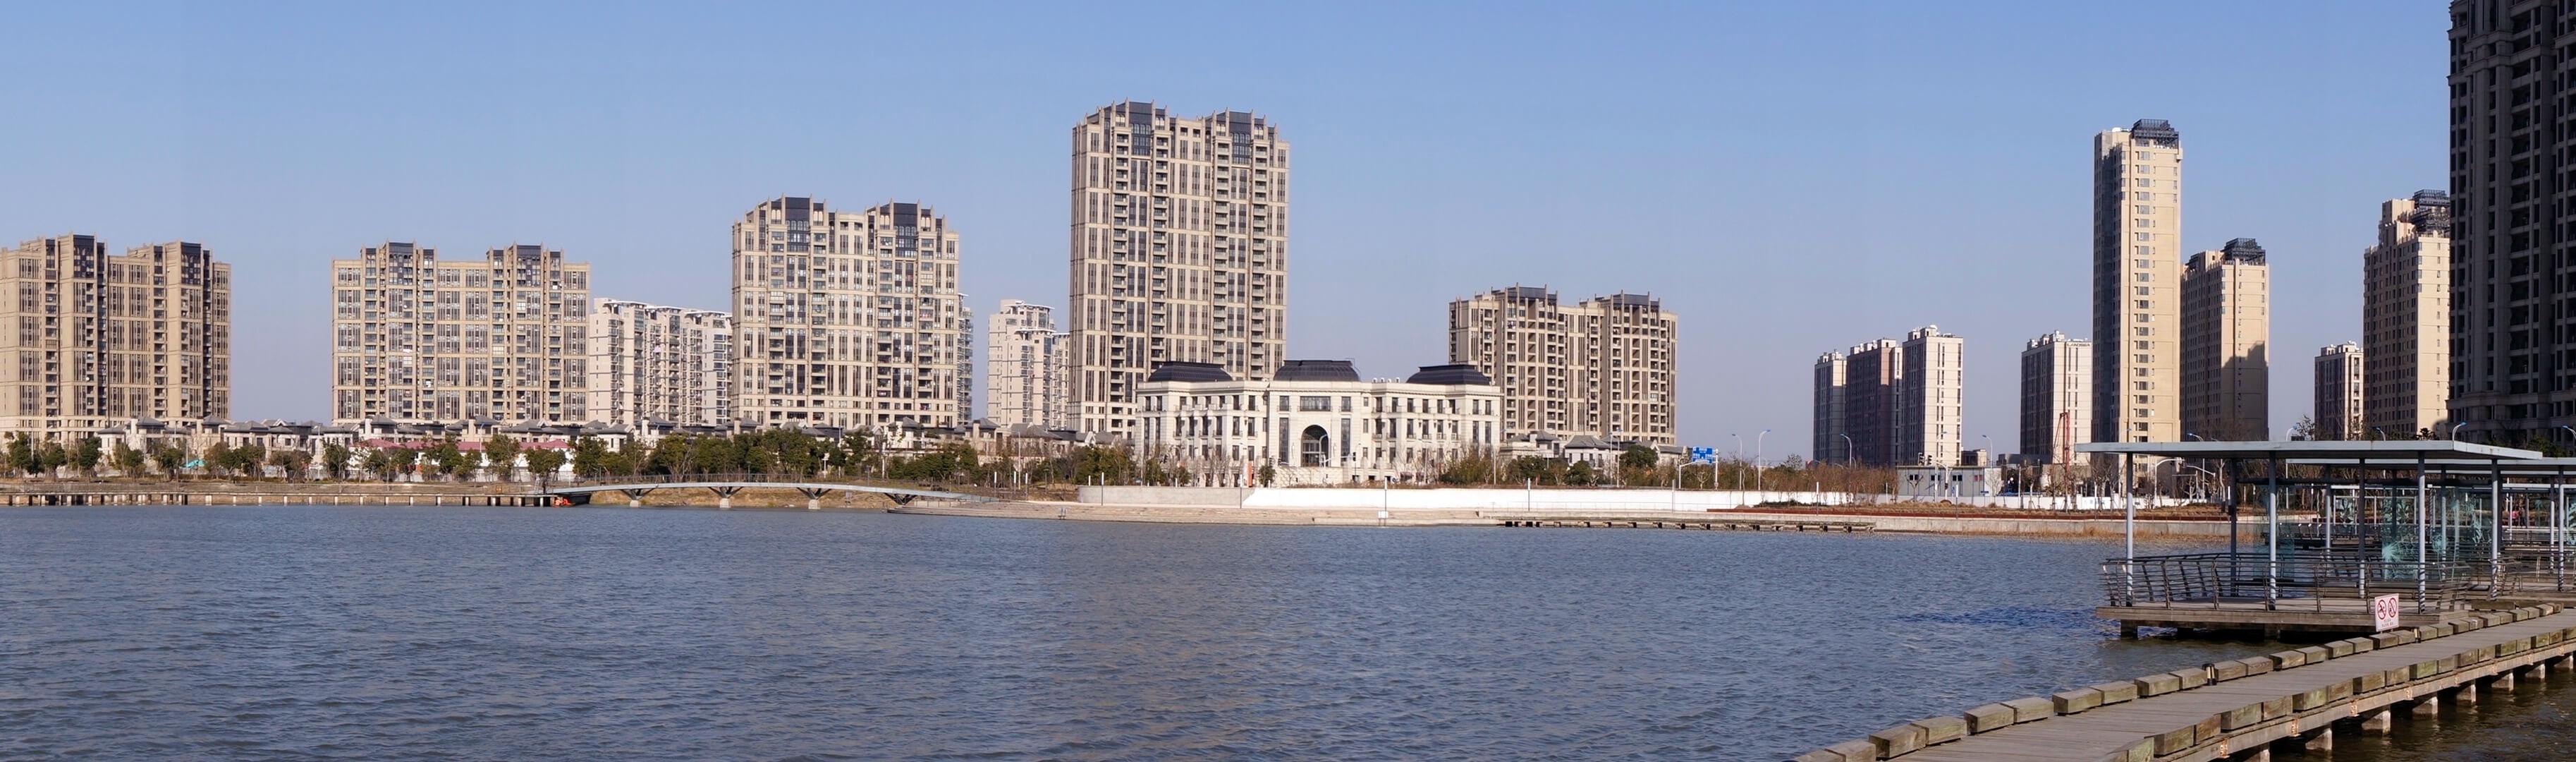 Mali deo novog stambenog naselja 'Central Park' u severnom delu Šangaja. Stanovi su različite kvadrature I iako nisu useljeni, skoro svi su već prodati. (Septembar, 2014) Foto--privatni album J.Milić